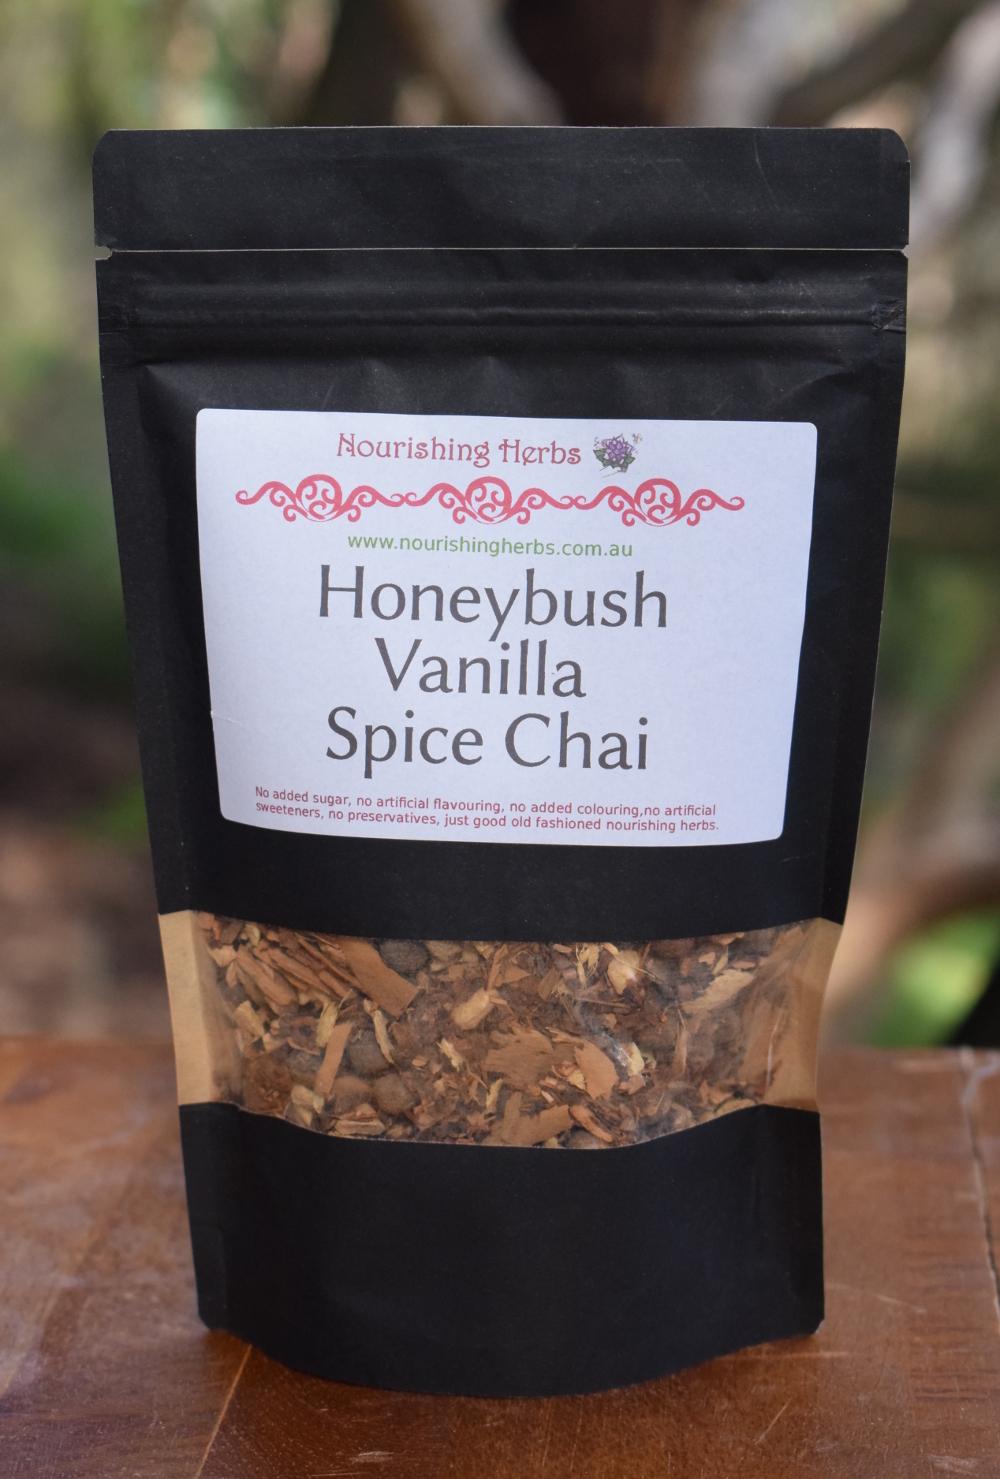 Honeybush Vanilla Spice Chai